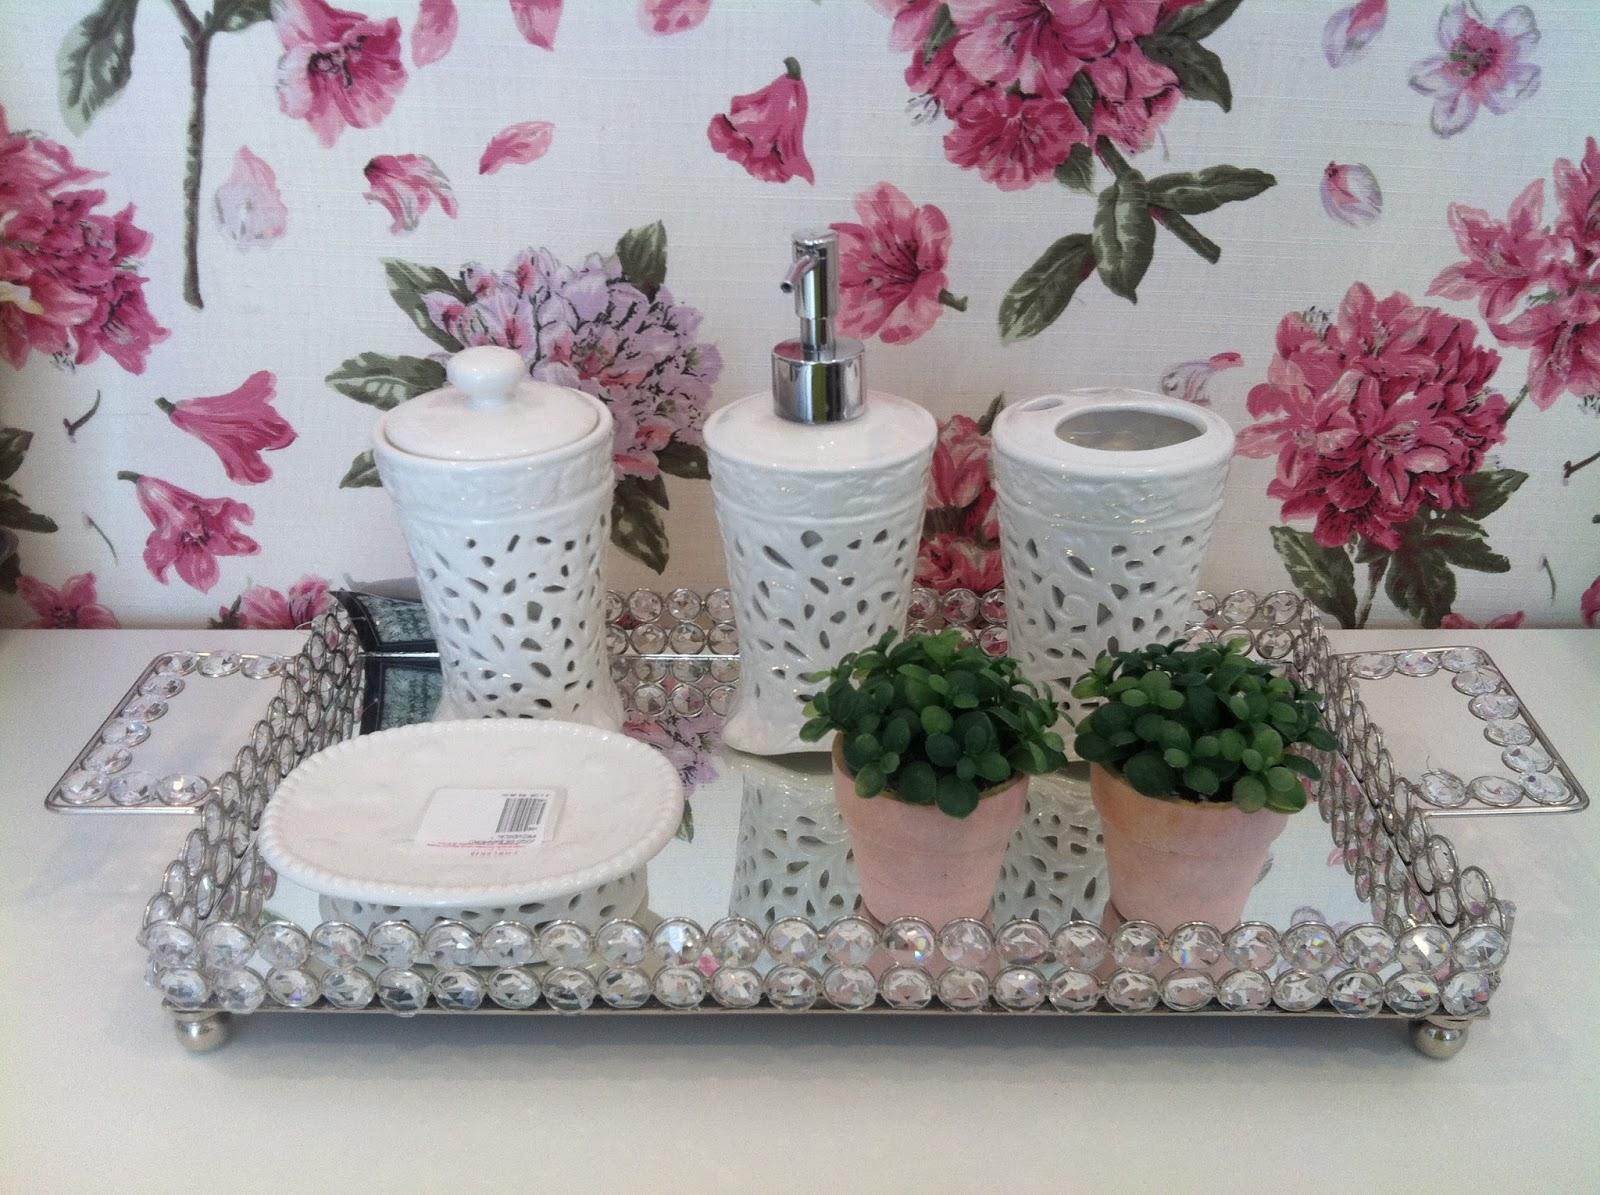 decoracao bandeja lavabo : decoracao bandeja lavabo:Louçaria e Cia: Bandejas de cristal